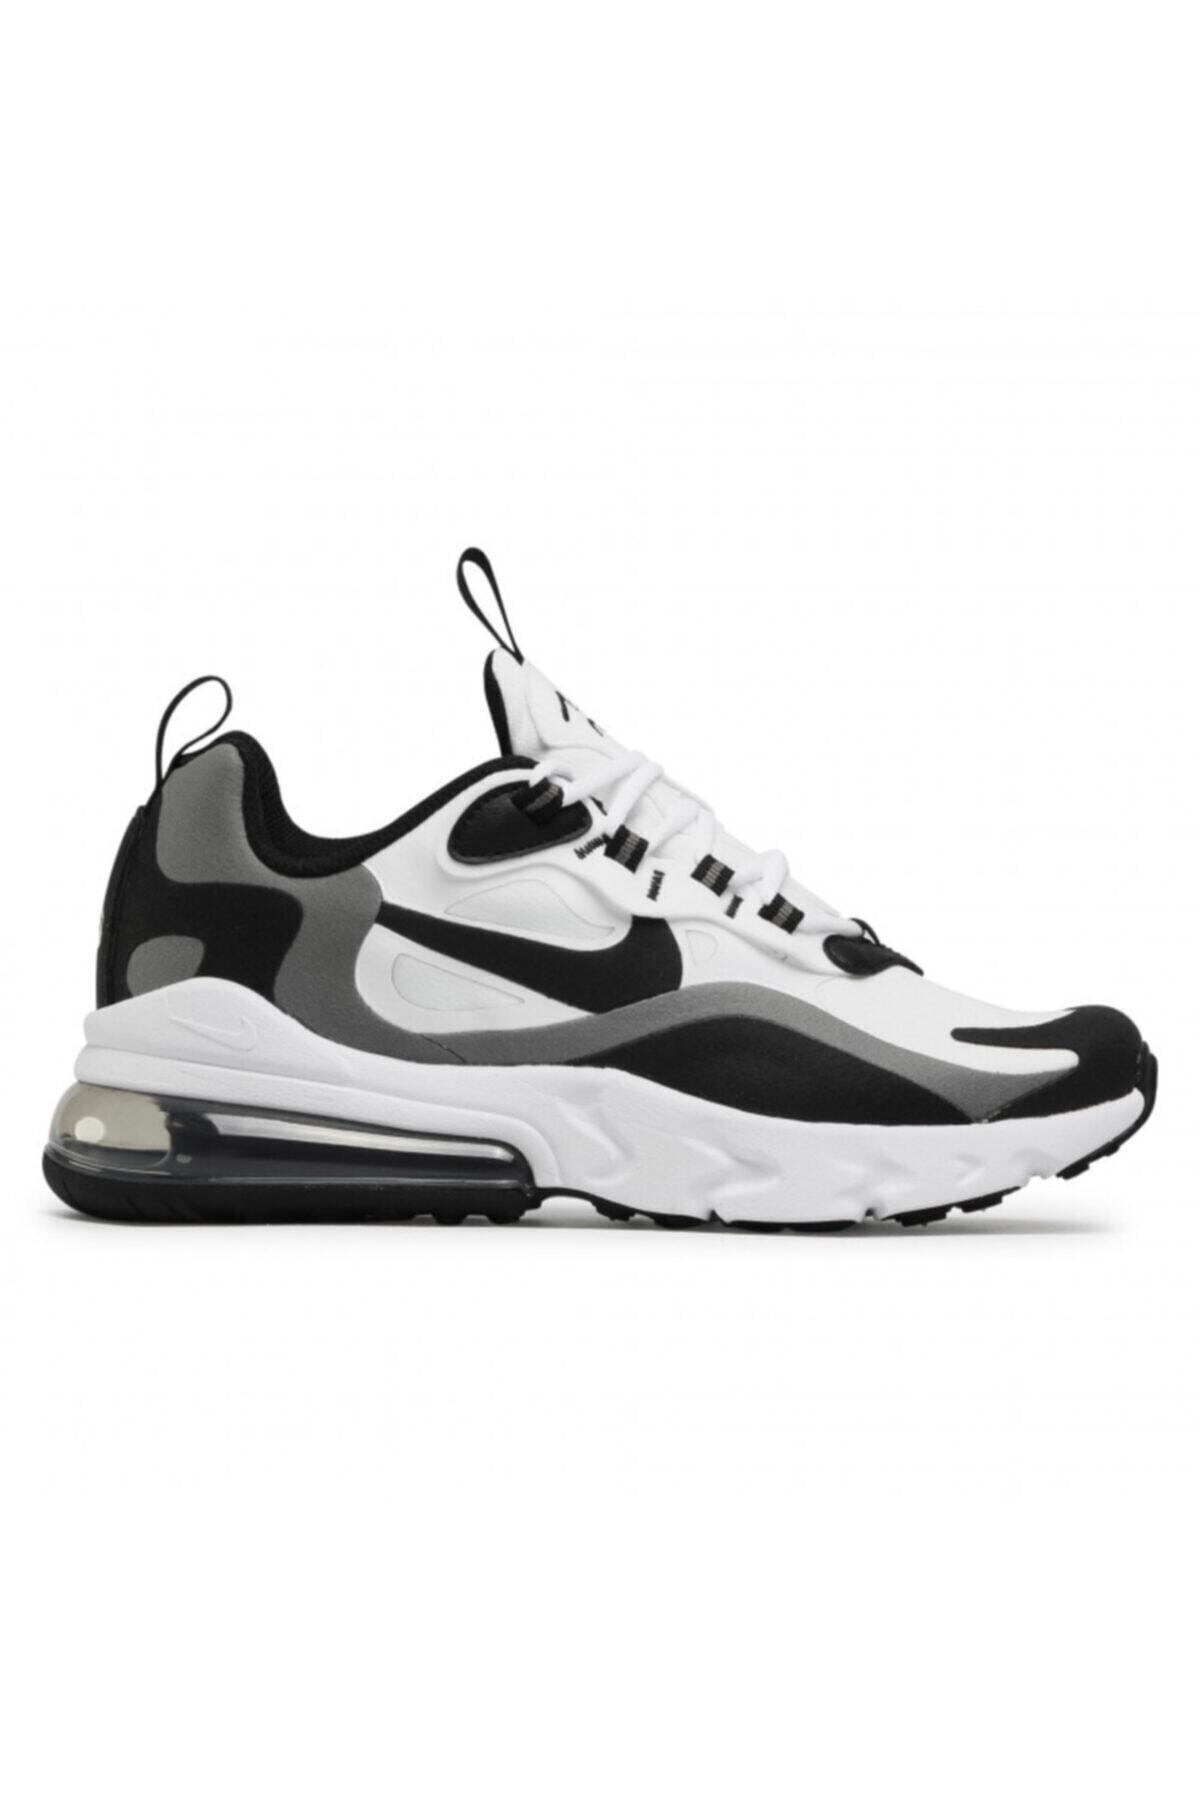 Nike Air Max 270 React Lifestyle Spor Ayakkabı Bq0103-103 1